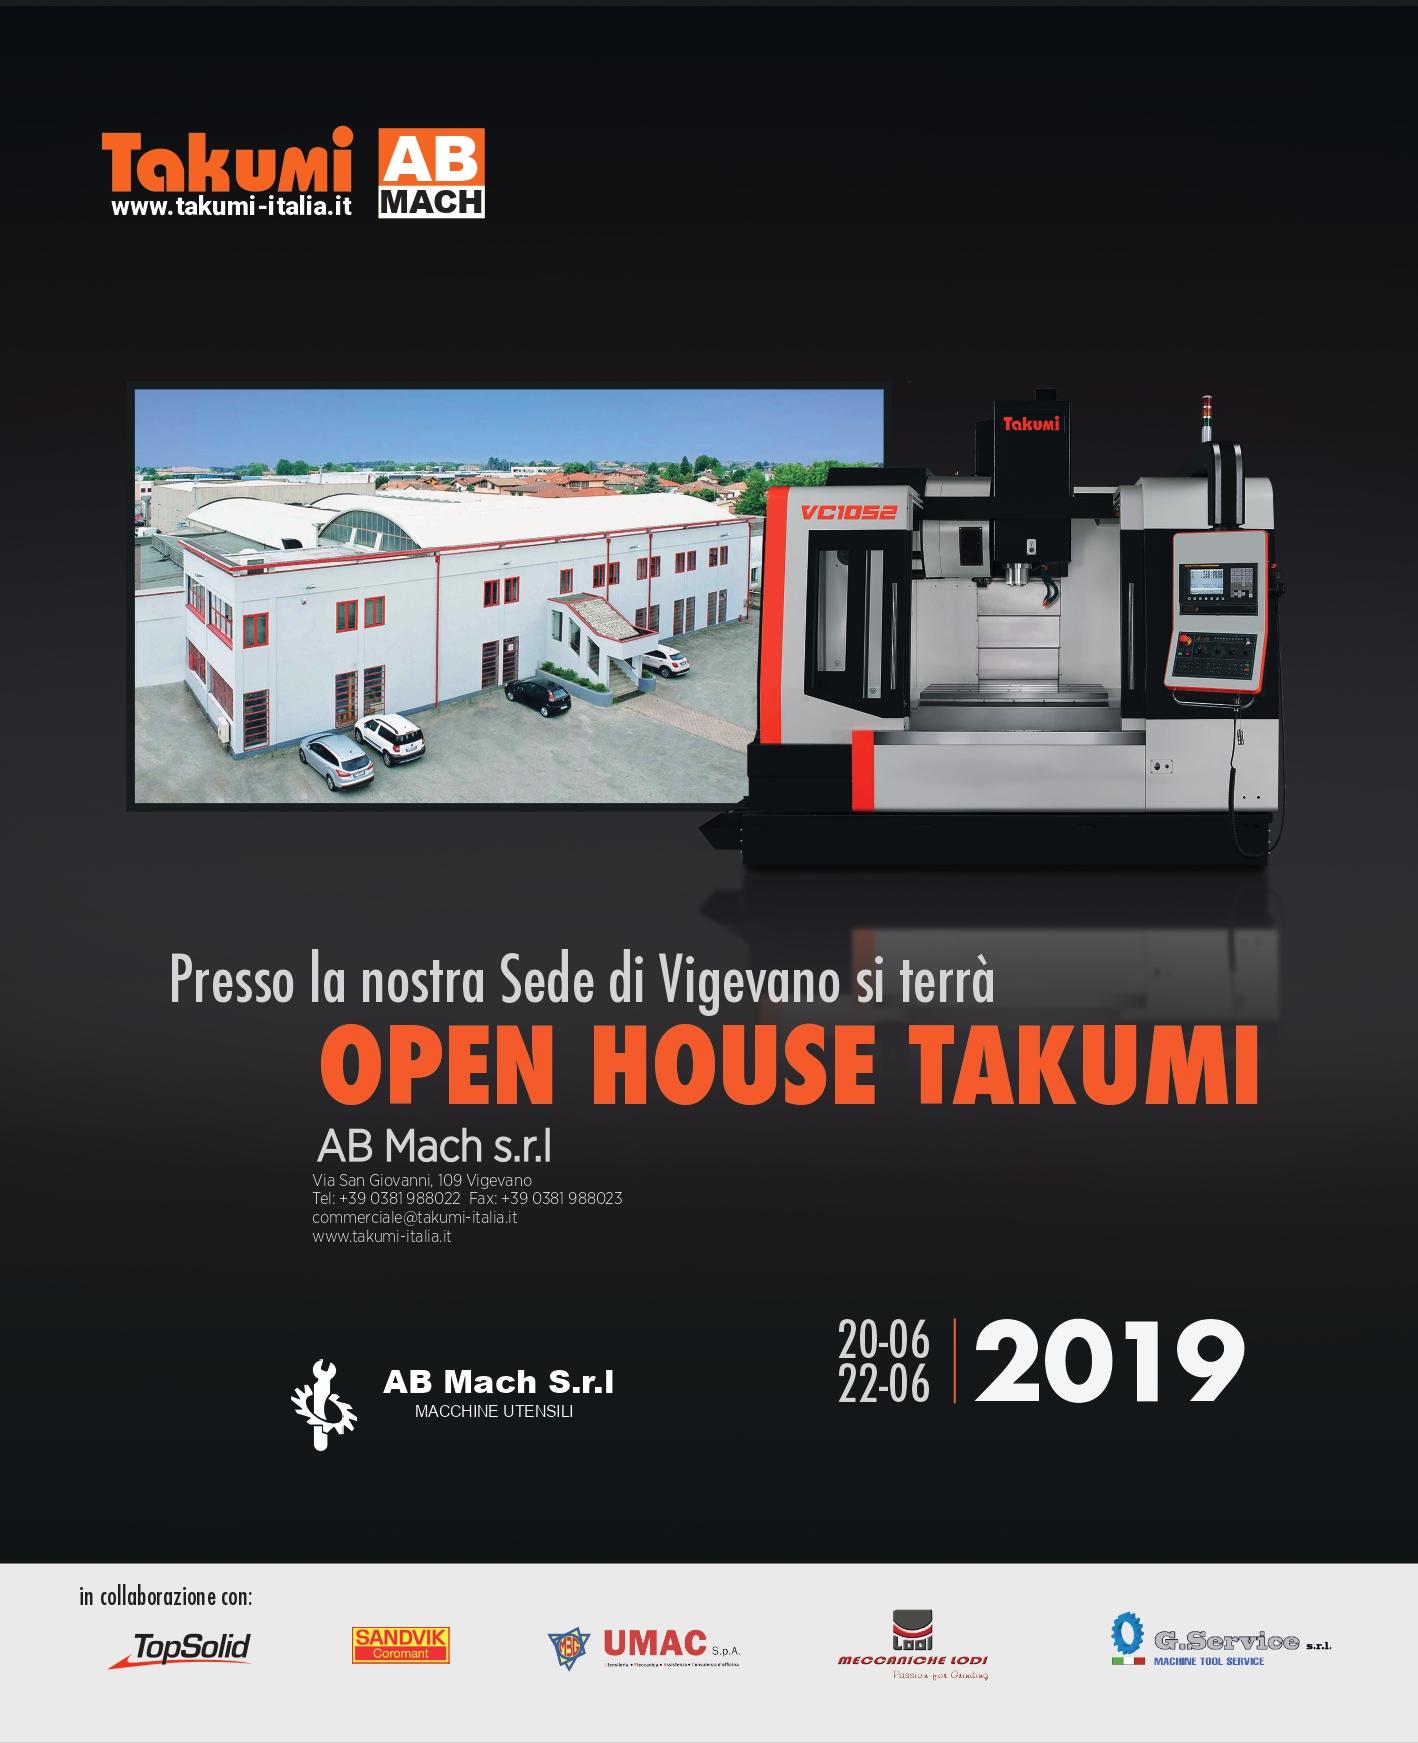 OPEN HOUSE TAKUMI